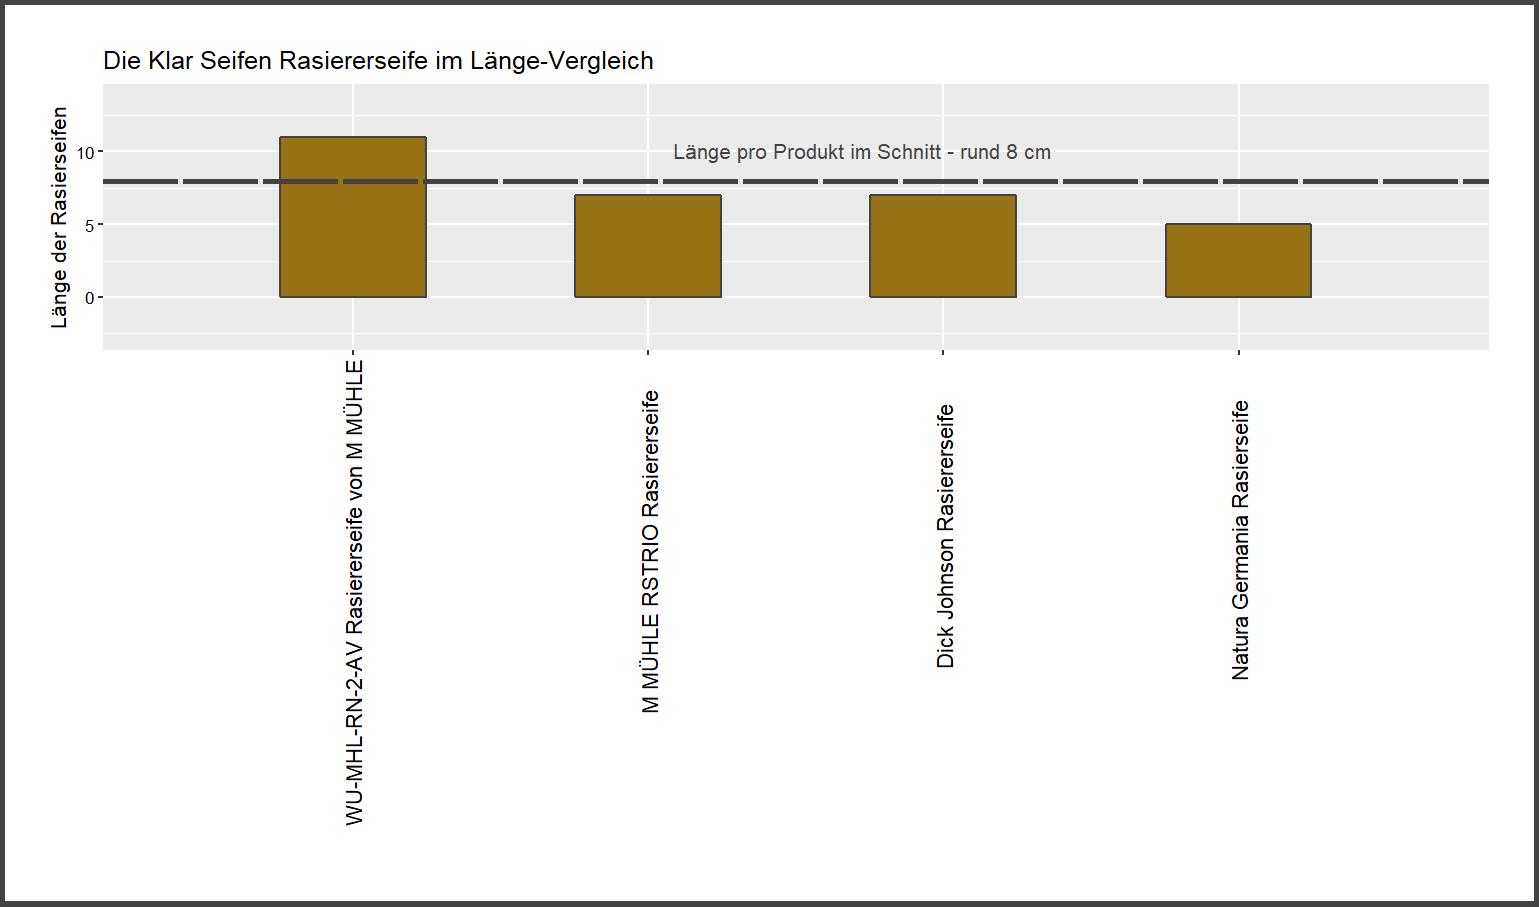 Länge-Vergleich von der Klar Seifen Rasierseife